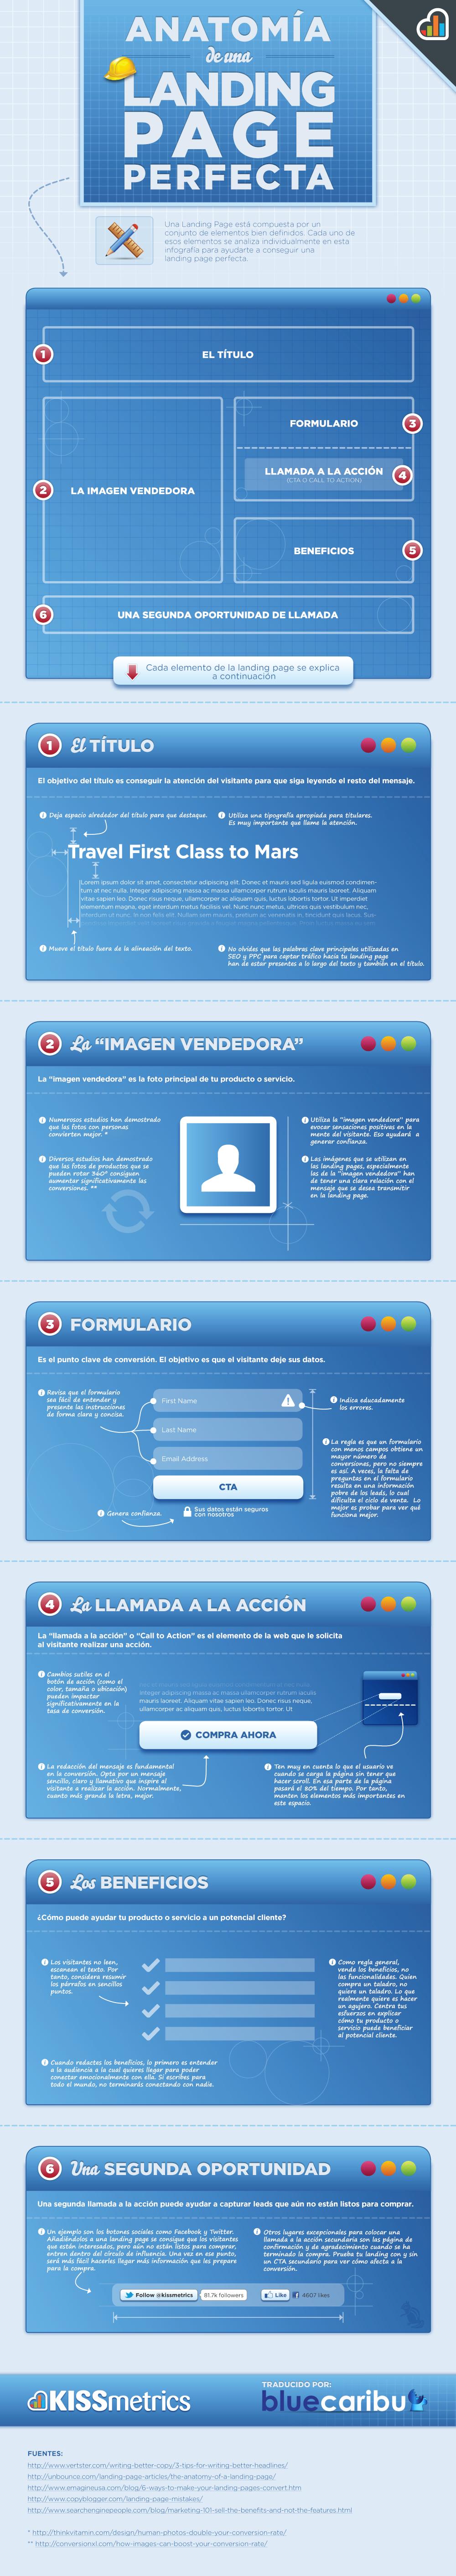 Anatomia de una Landing Page